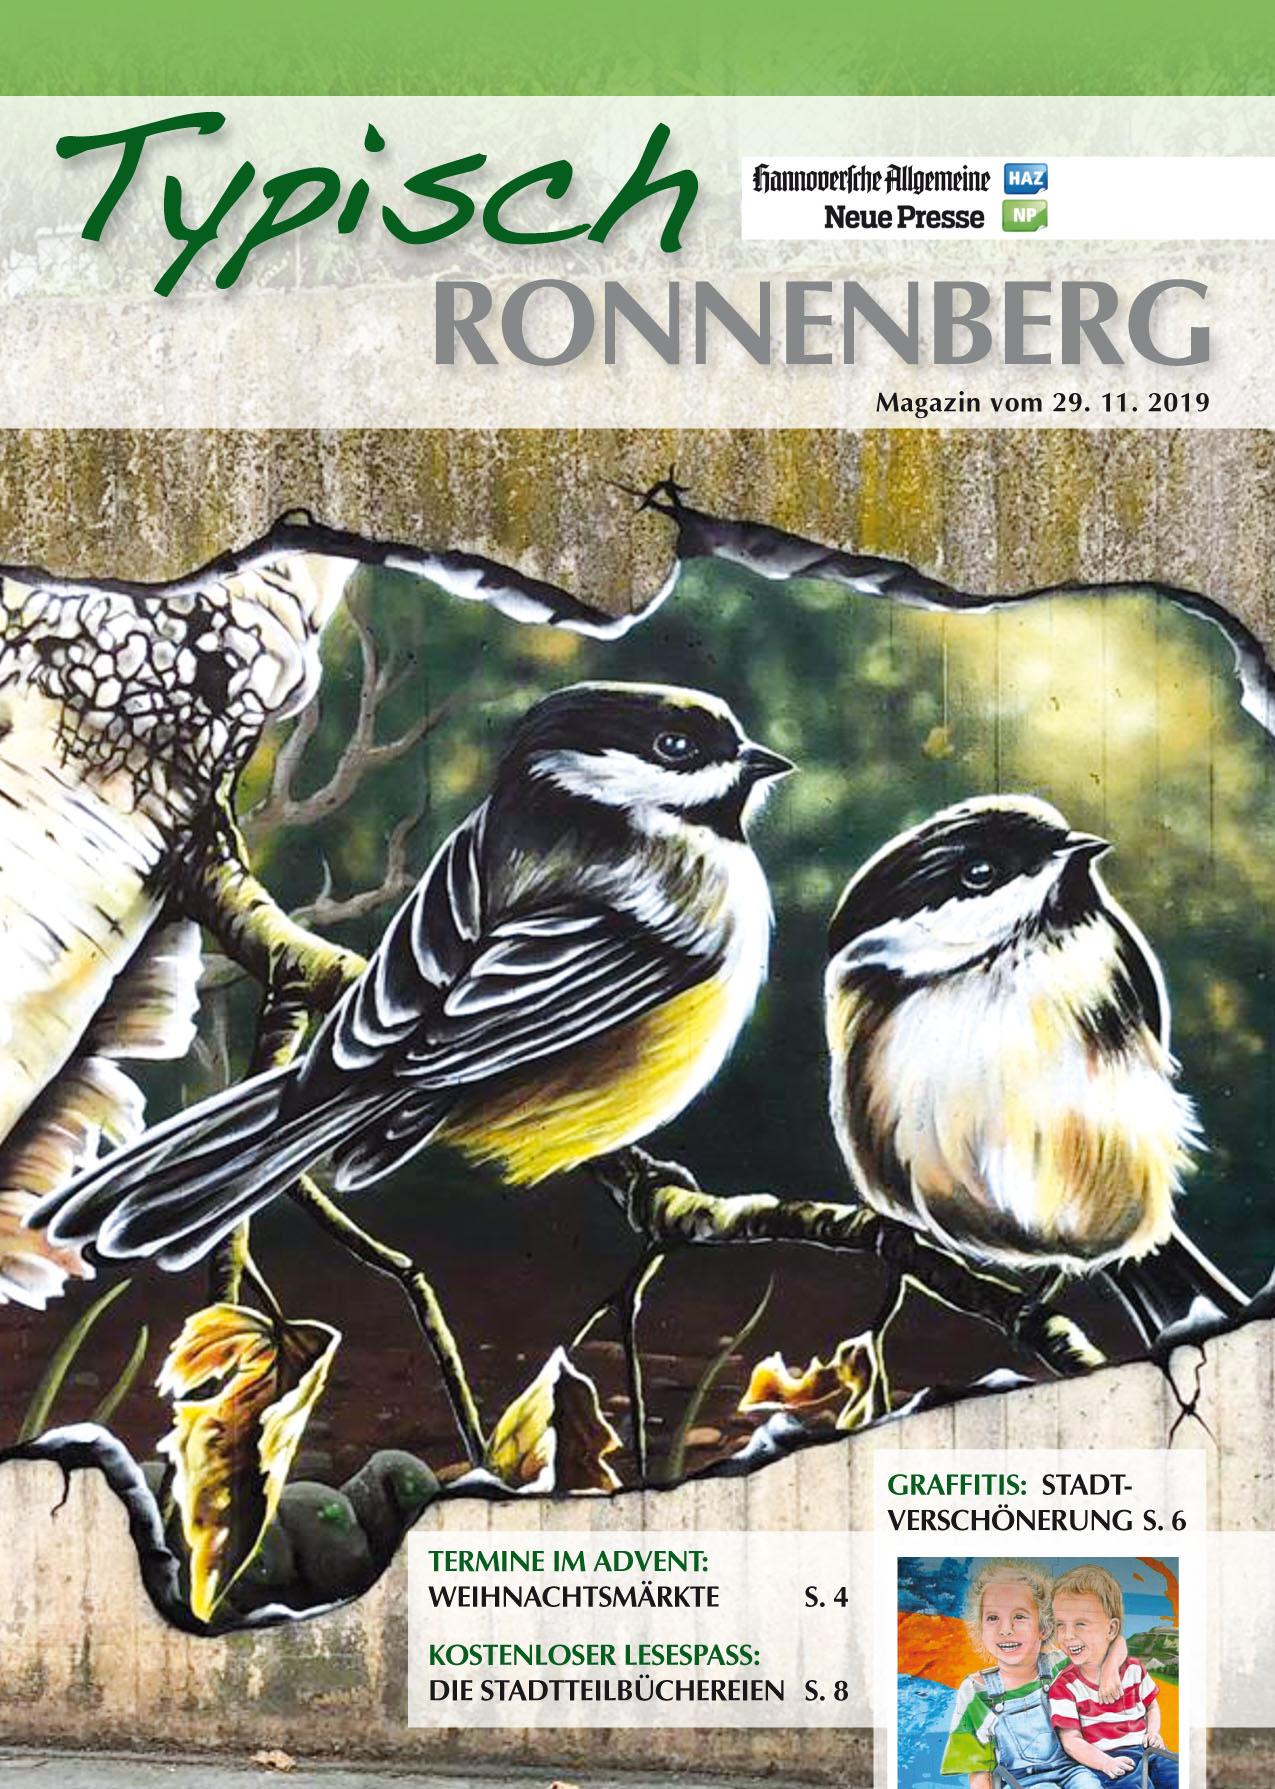 ronnenberg vom 29.11.2019